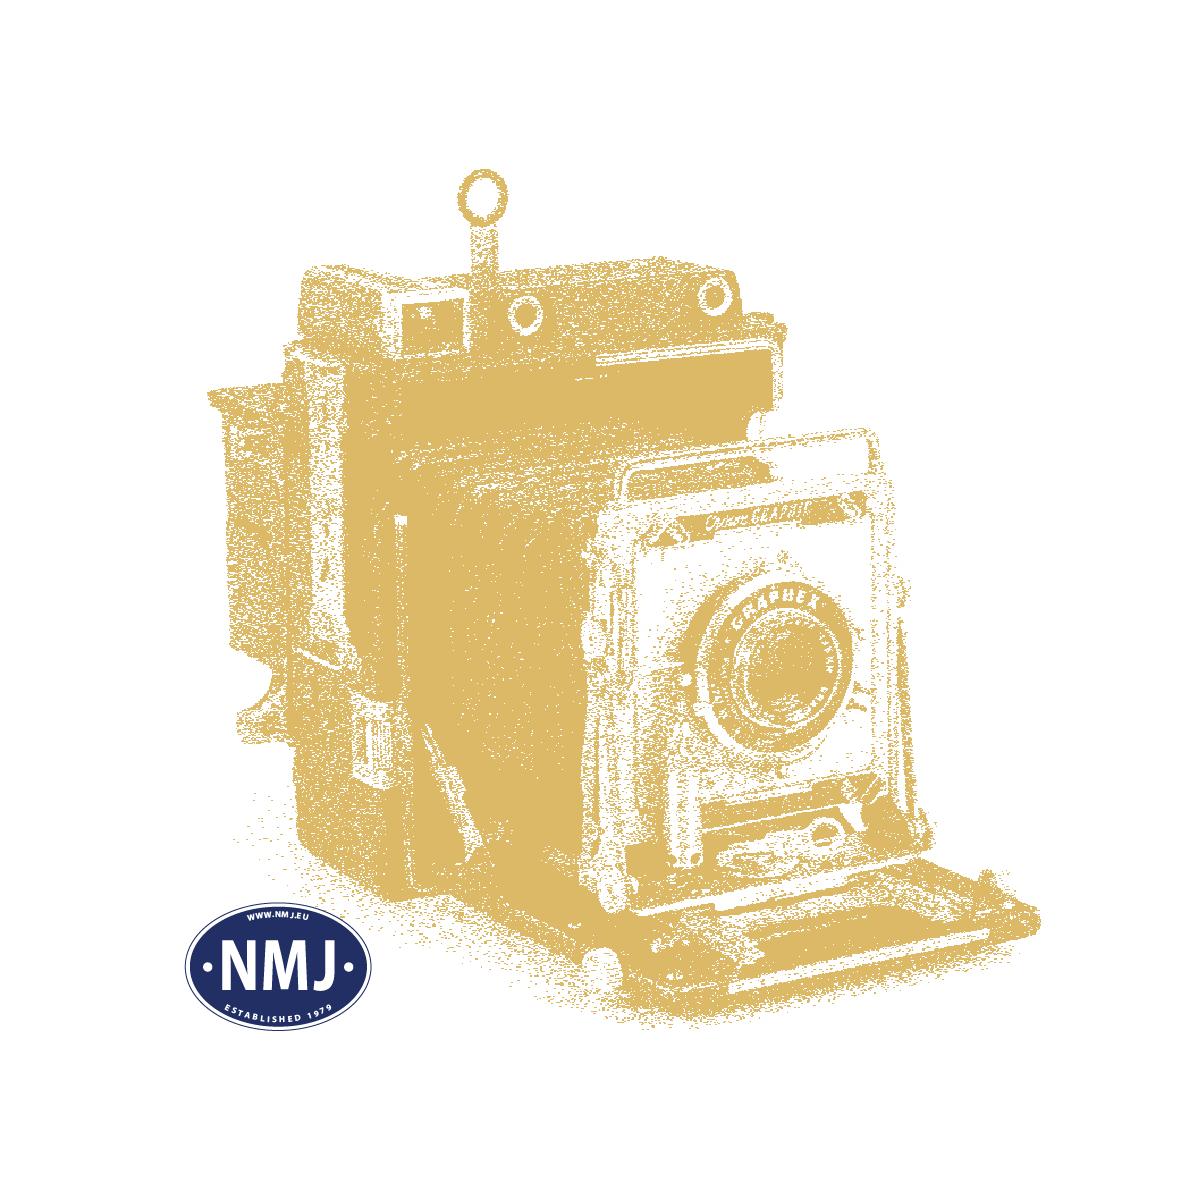 MWB-M043 - Grasmatte, Wildwuchs mit Unkraut, Winter 1, 30 x 21 cm, für TT - I